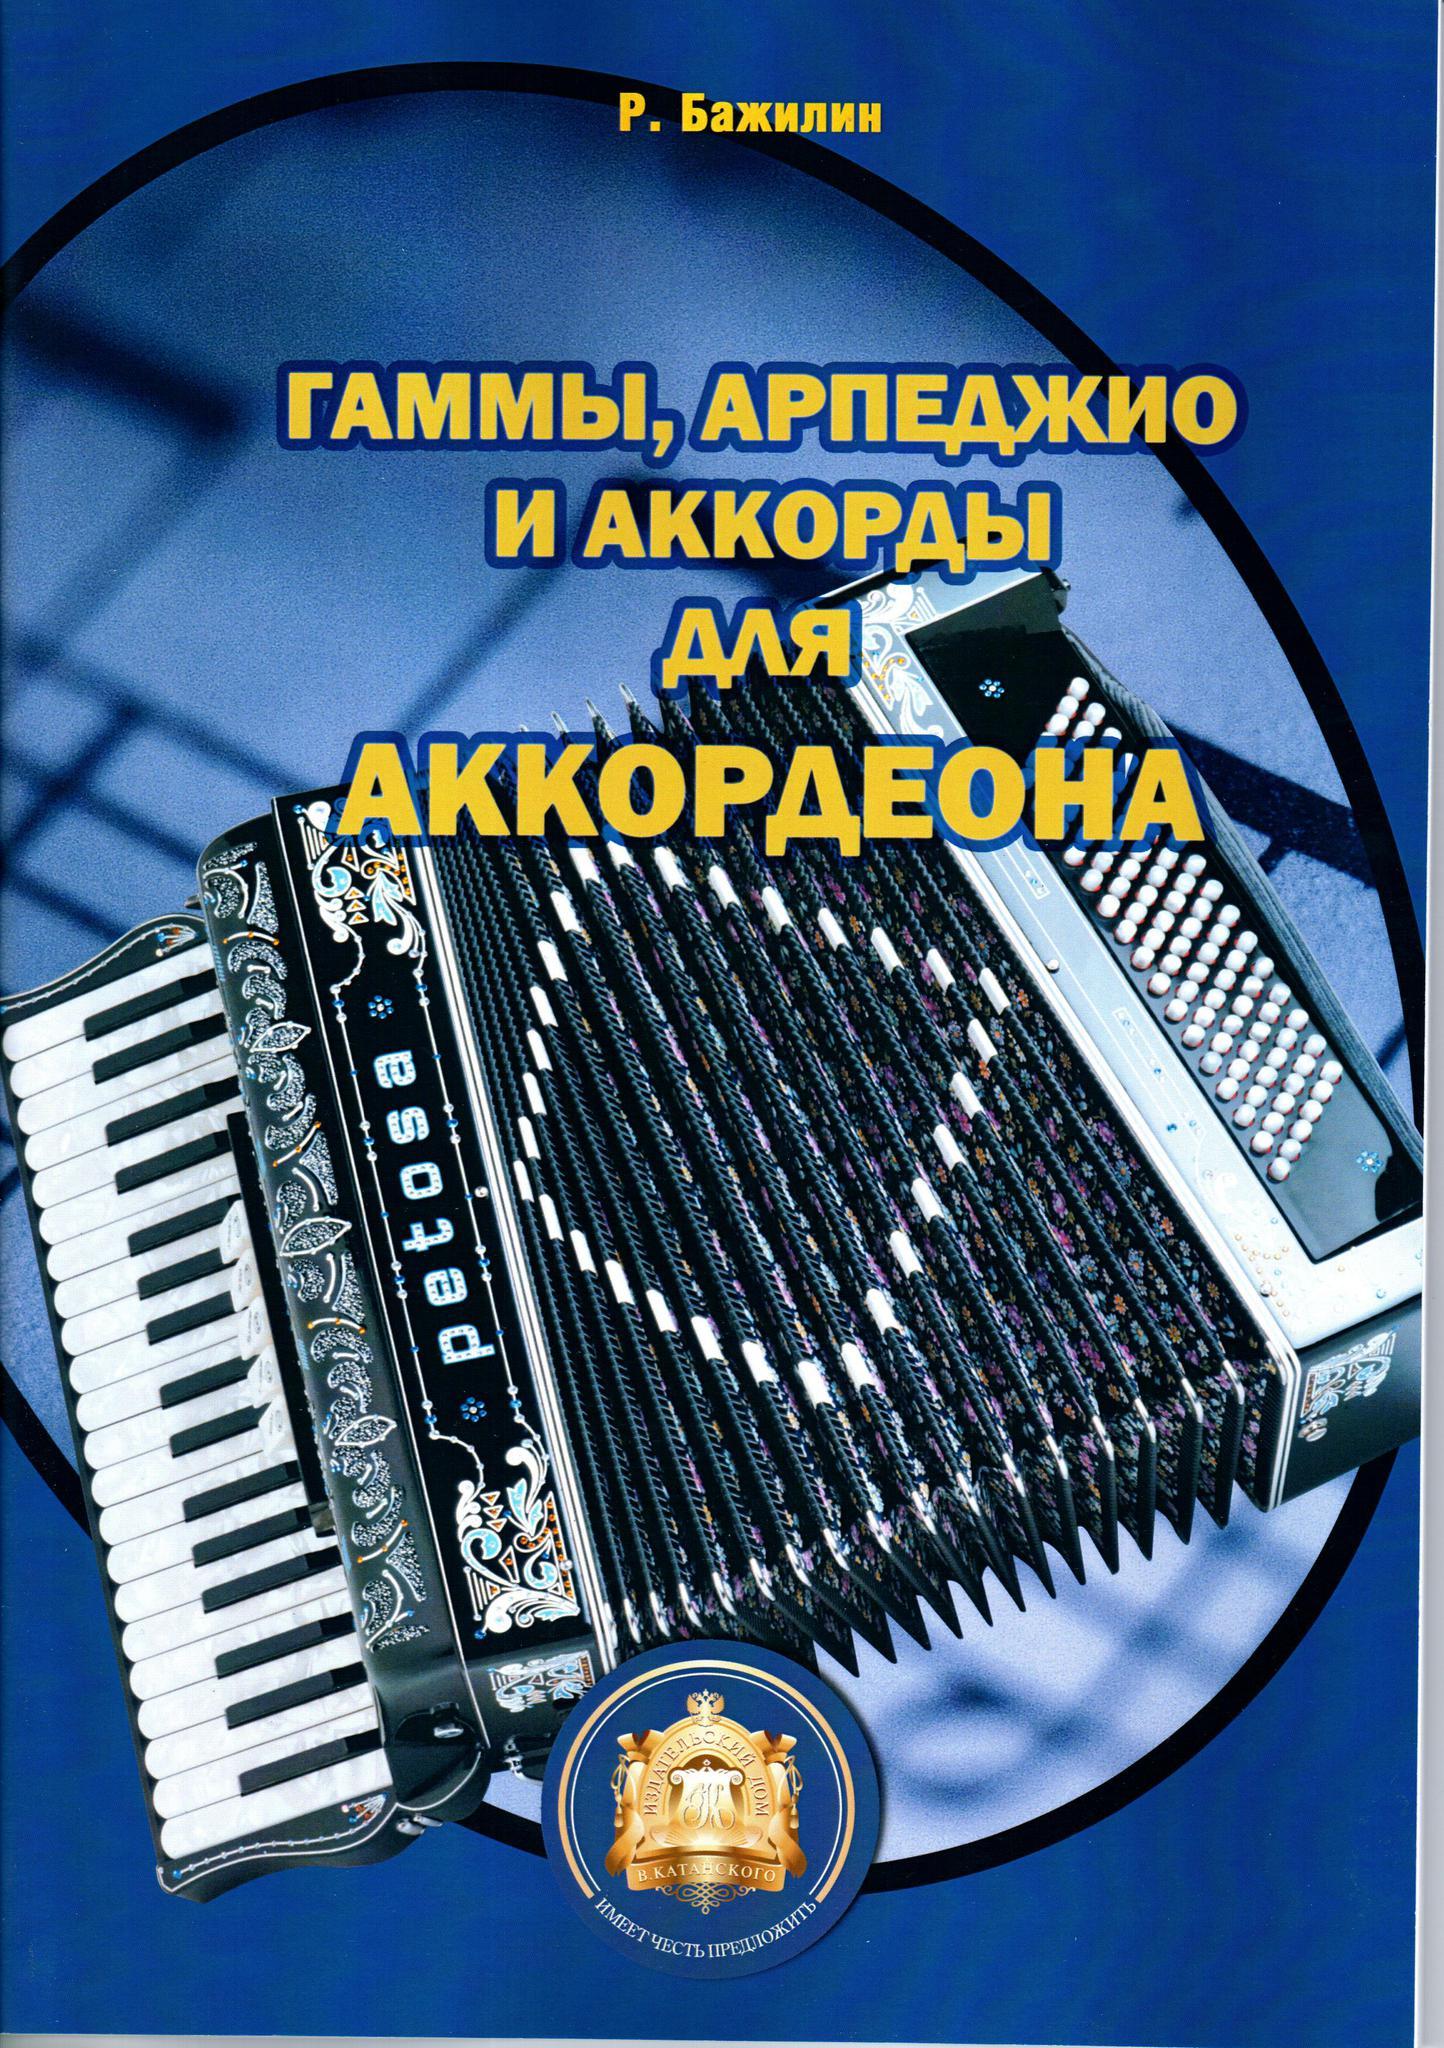 Р. Бажилин. Гаммы. Арпеджио и аккорды для готово-выборного аккордеона.